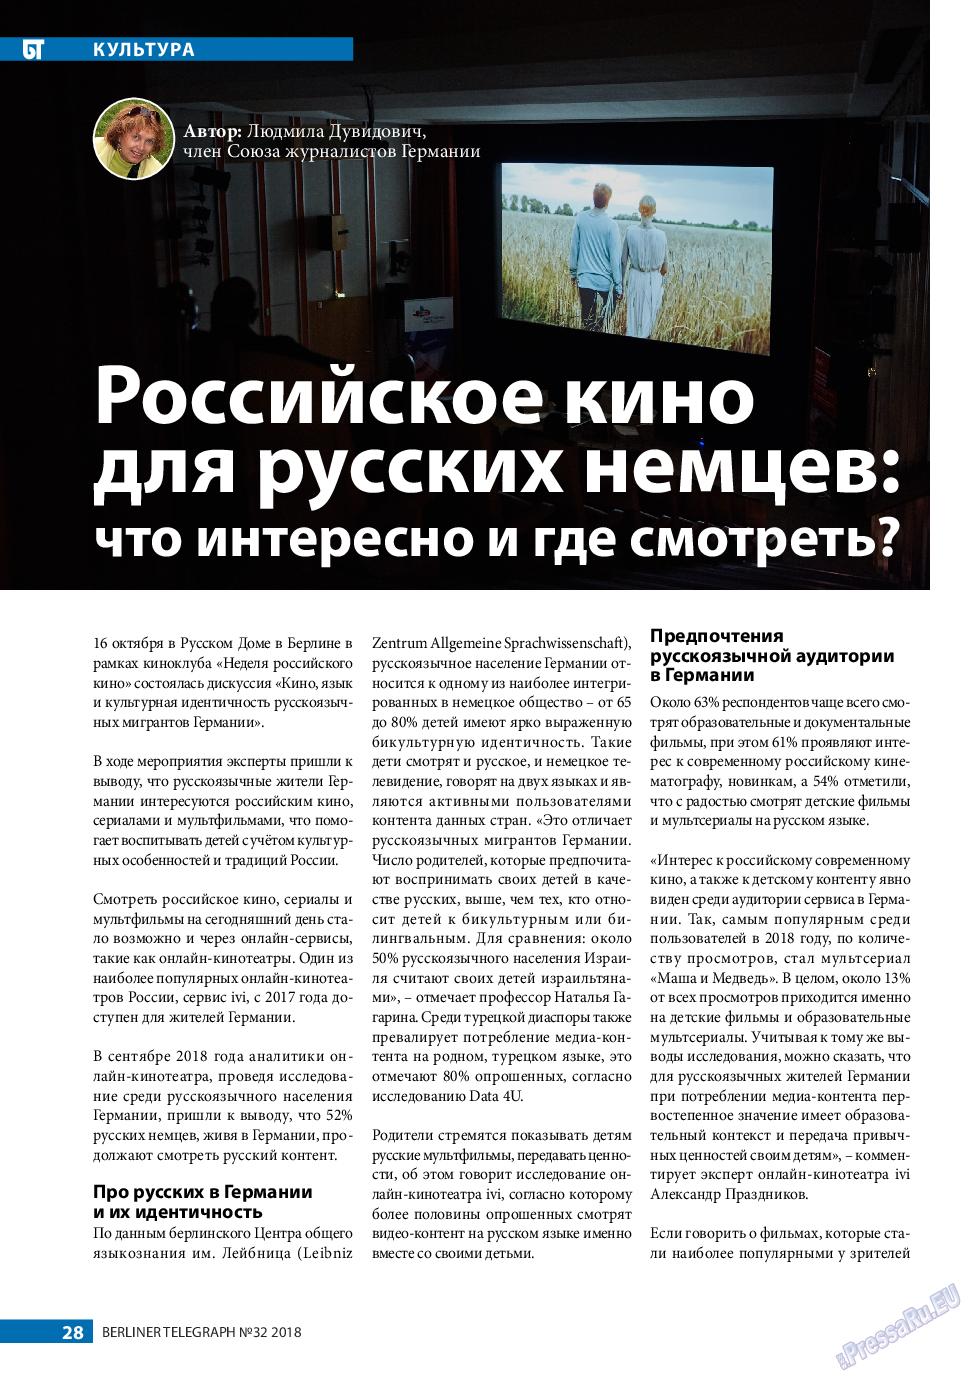 Берлинский телеграф (журнал). 2018 год, номер 32, стр. 28